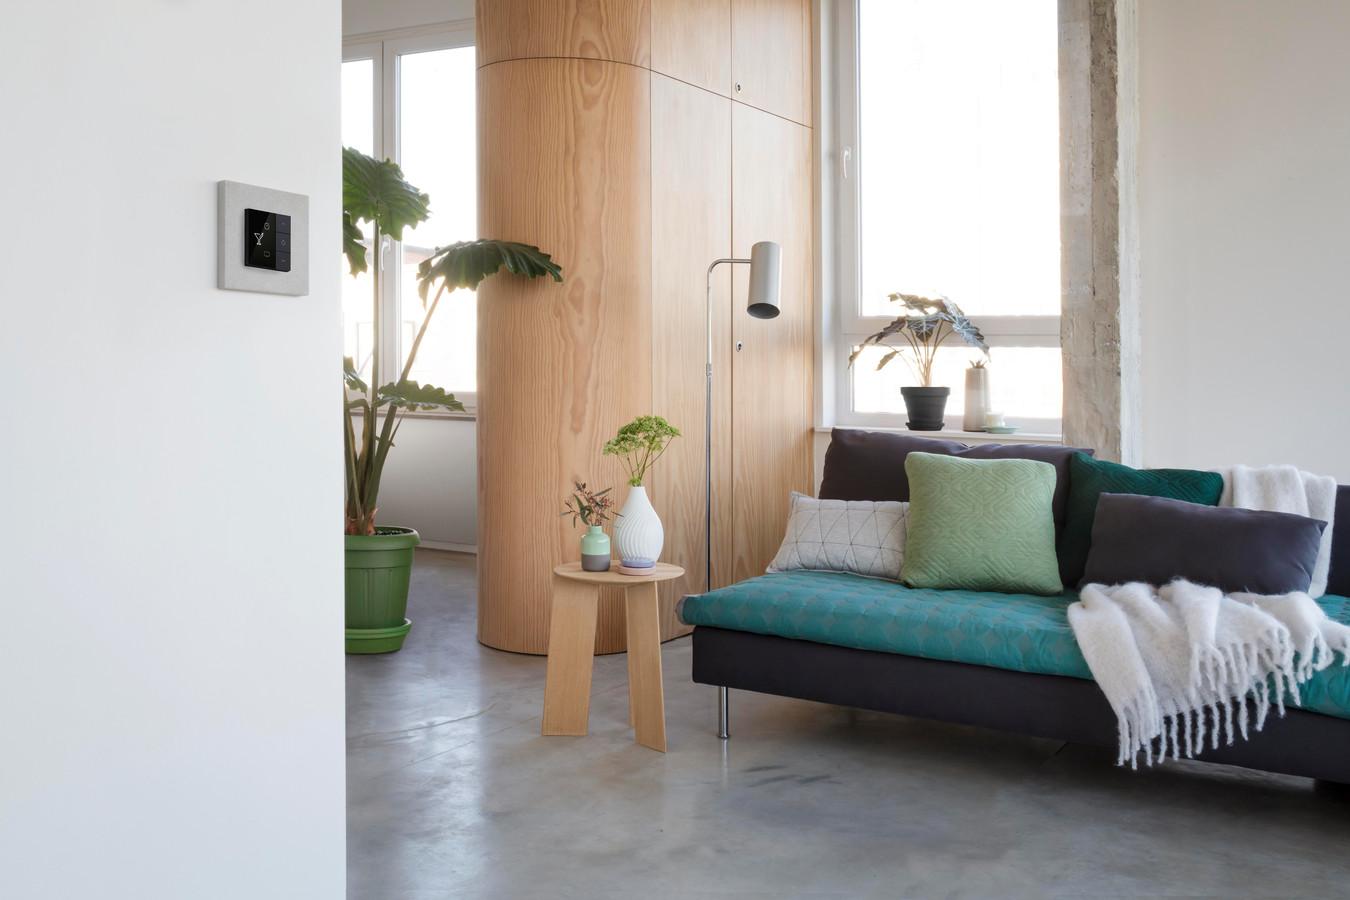 Les applications de maison intelligente présentent un énorme potentiel en termes de consommation et d'économies d'énergie.